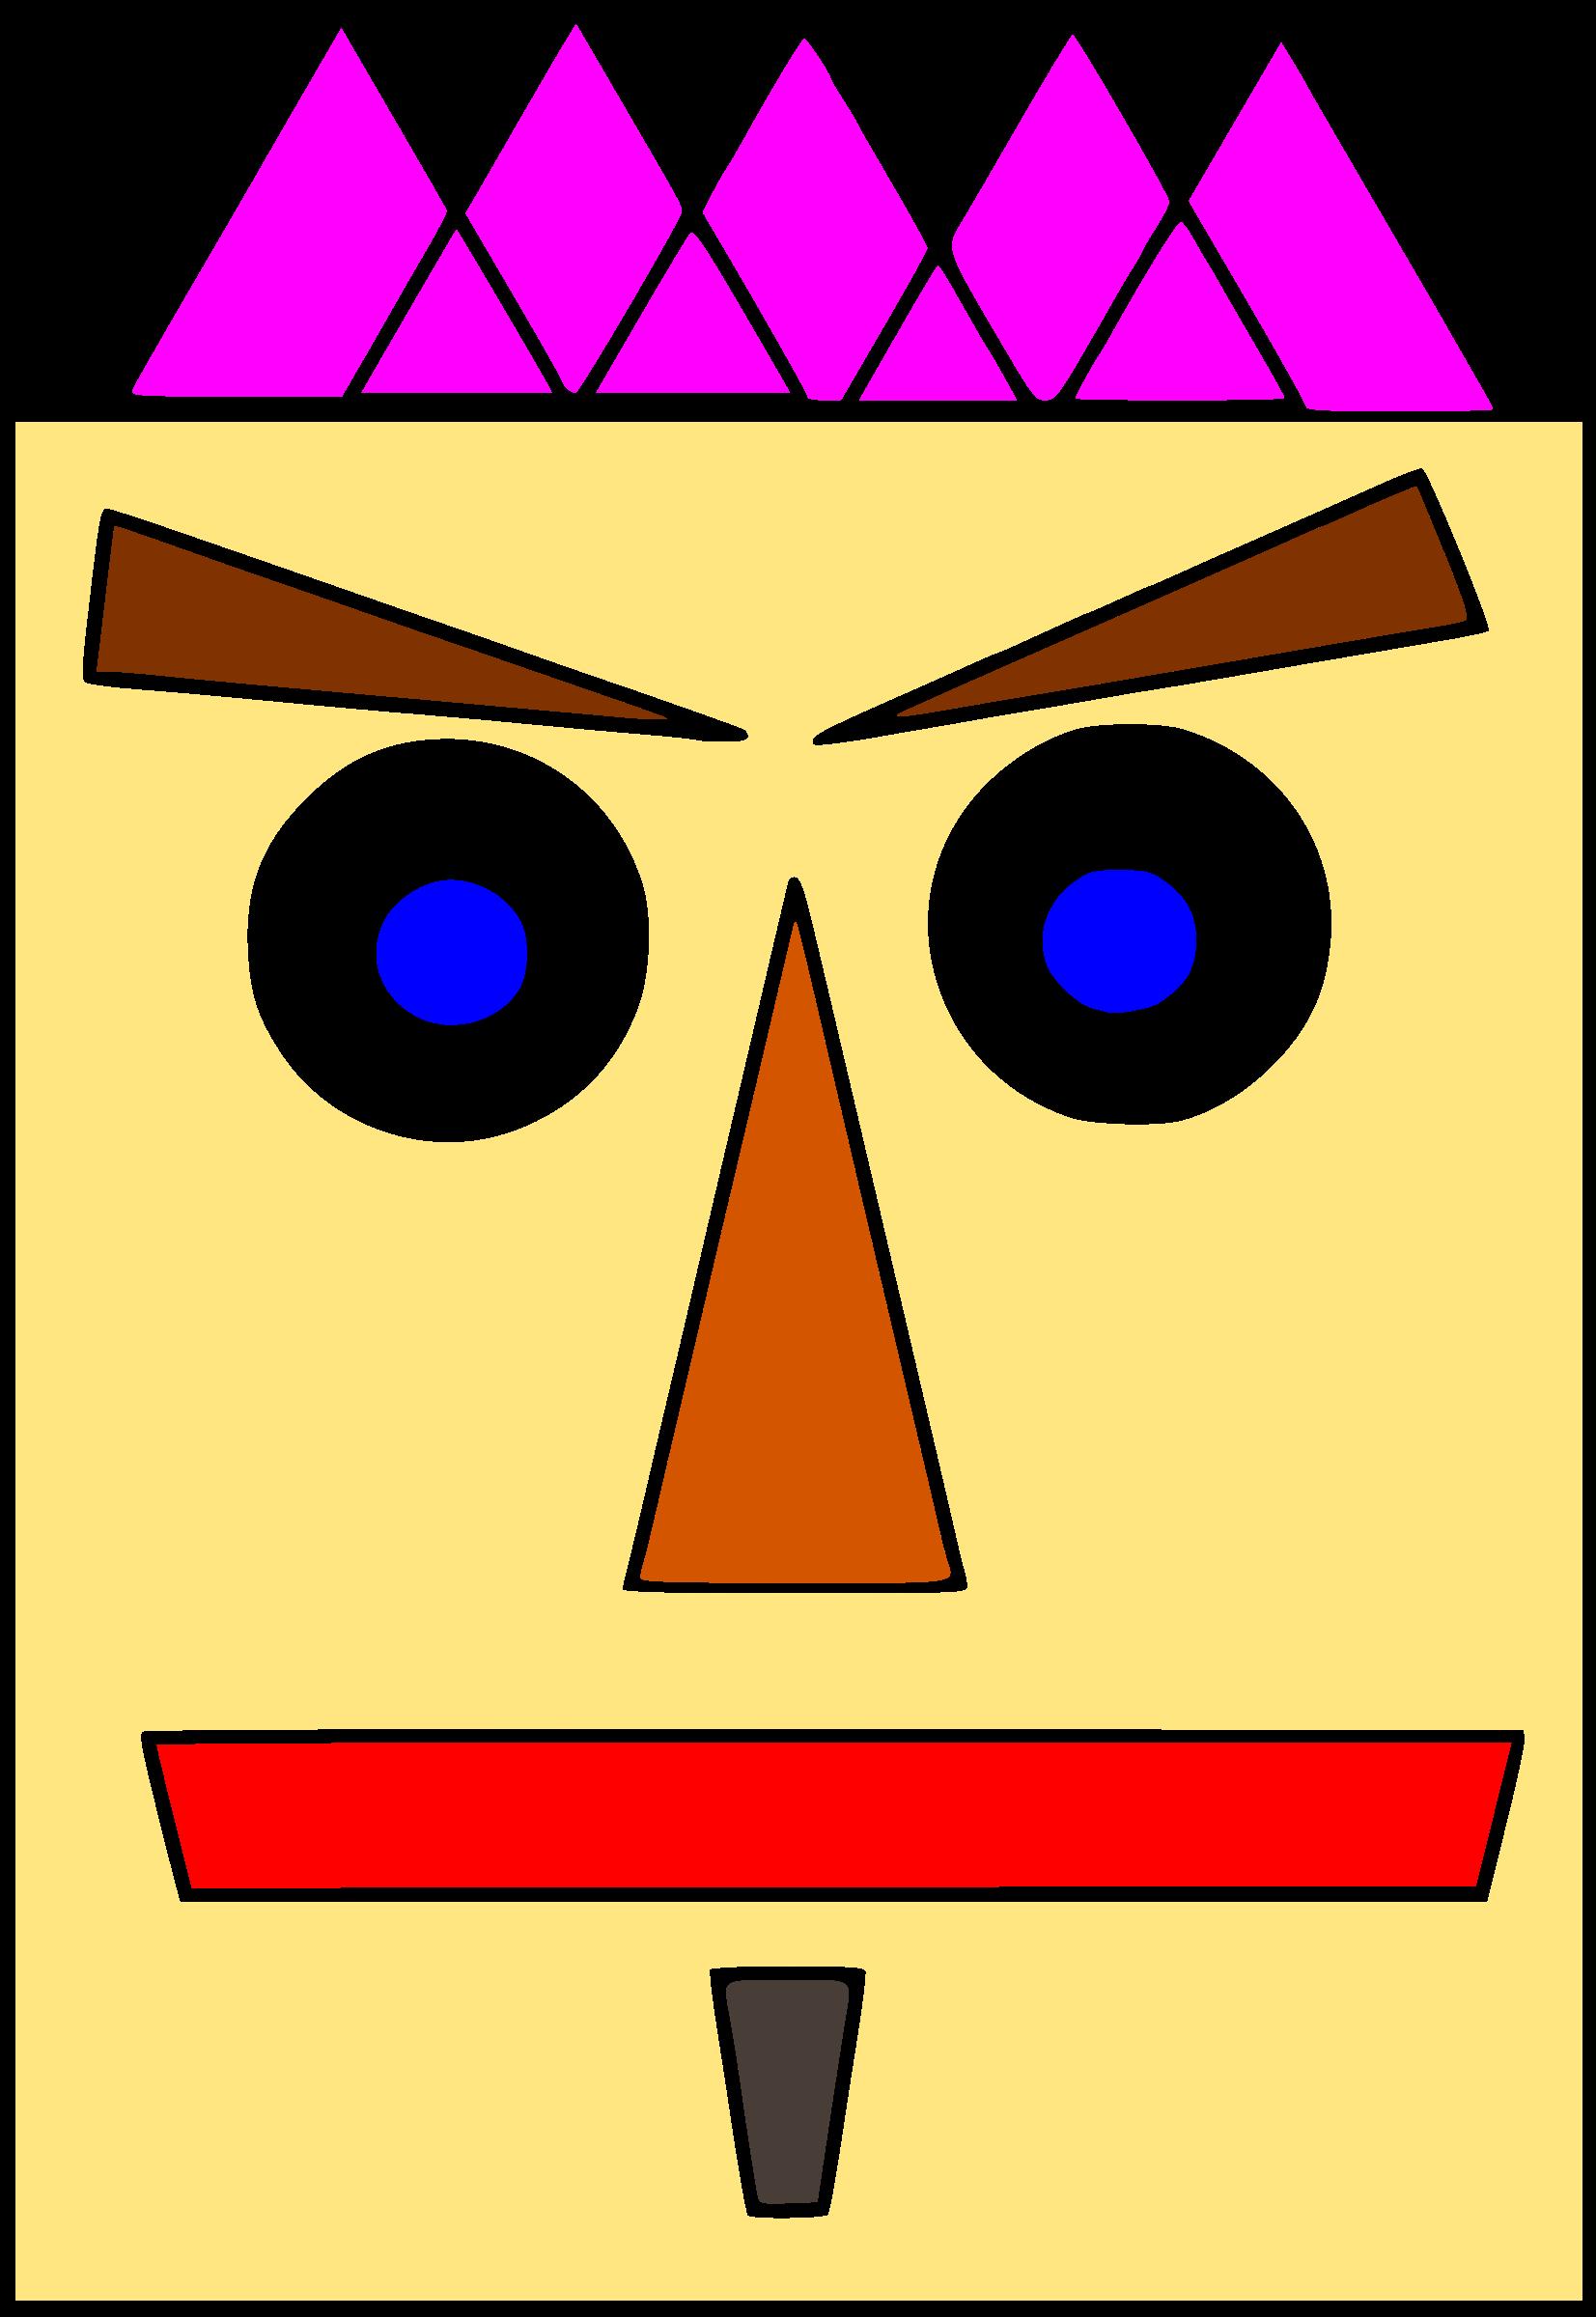 Shapes cartoon